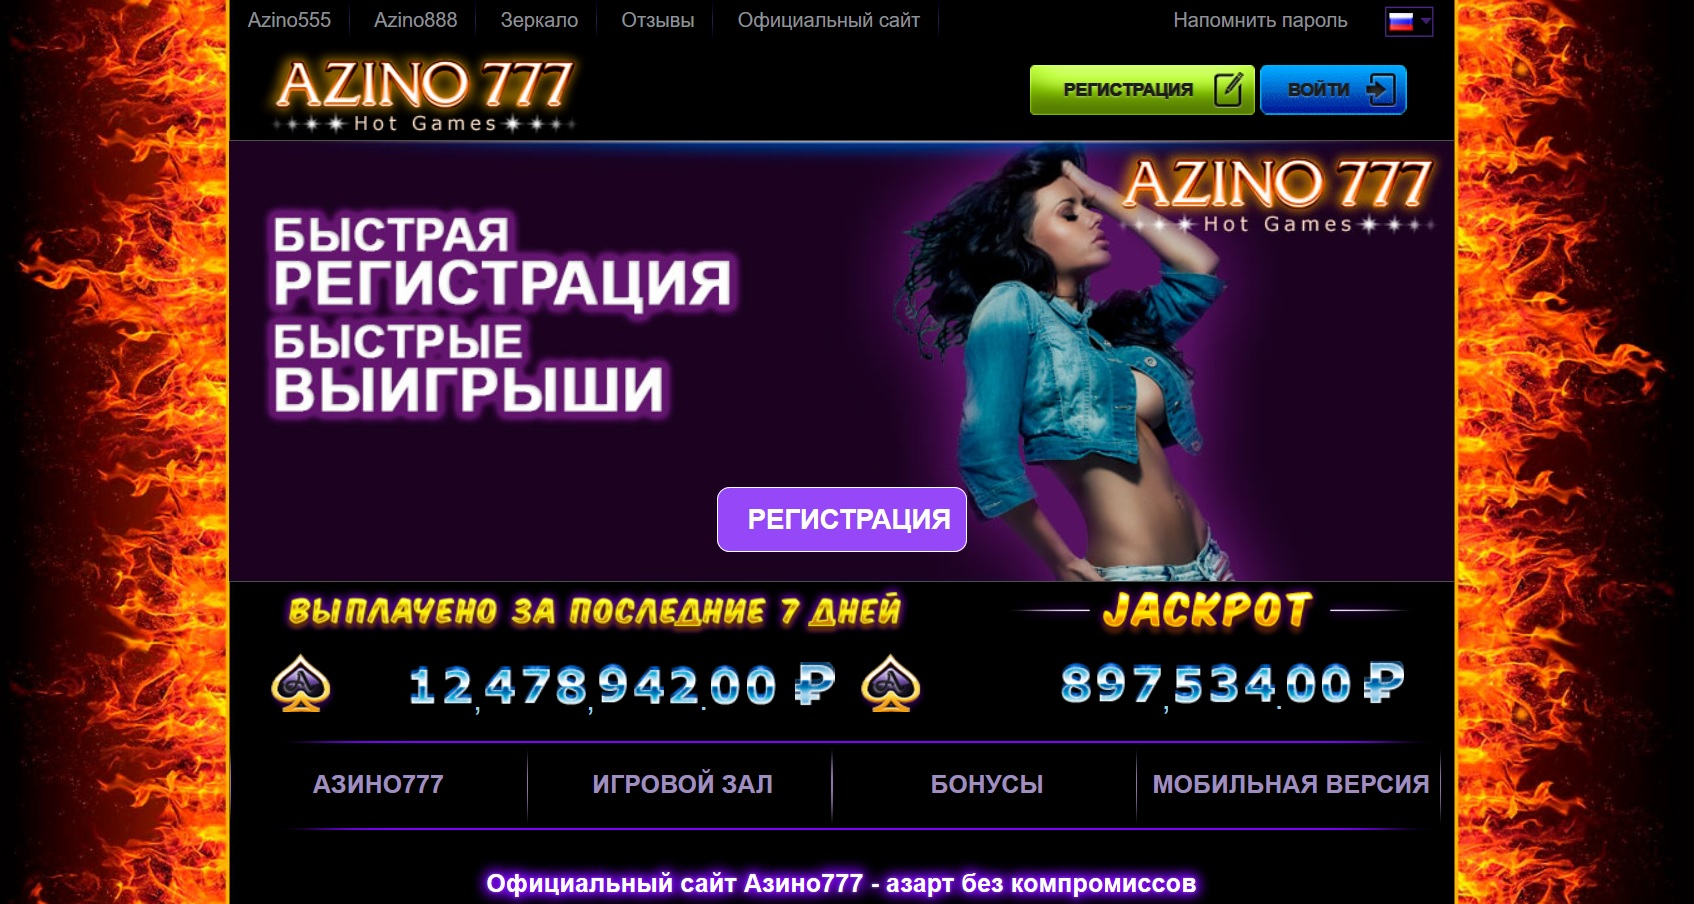 азино777 официальный сайт мобильная скачать